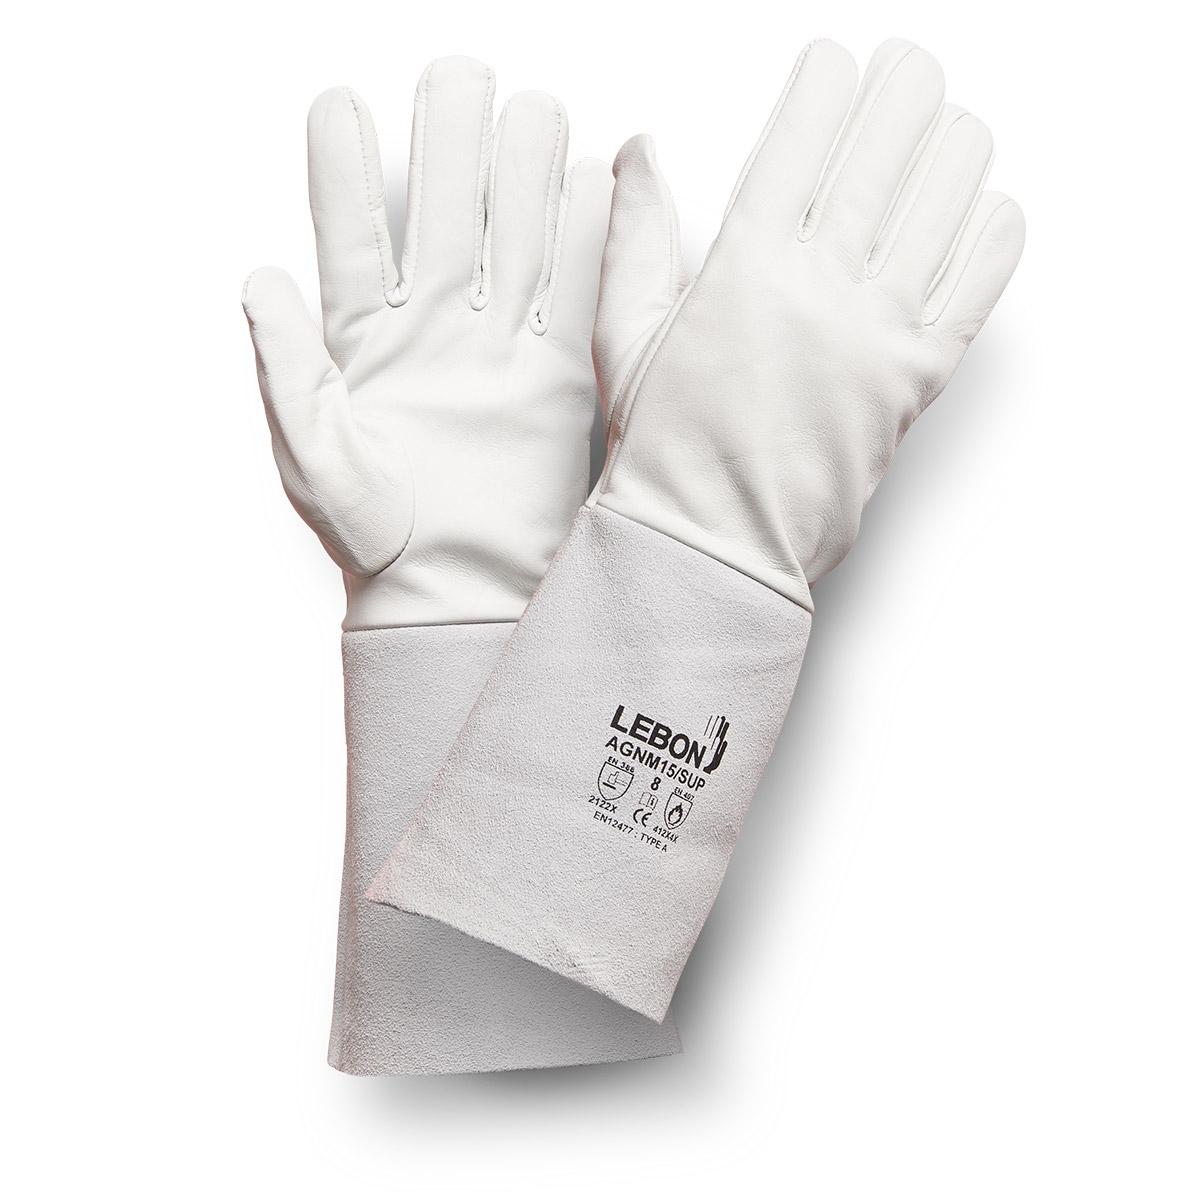 Gants de soudeur en cuir Argon AGNM15/SUP Lebon Protection